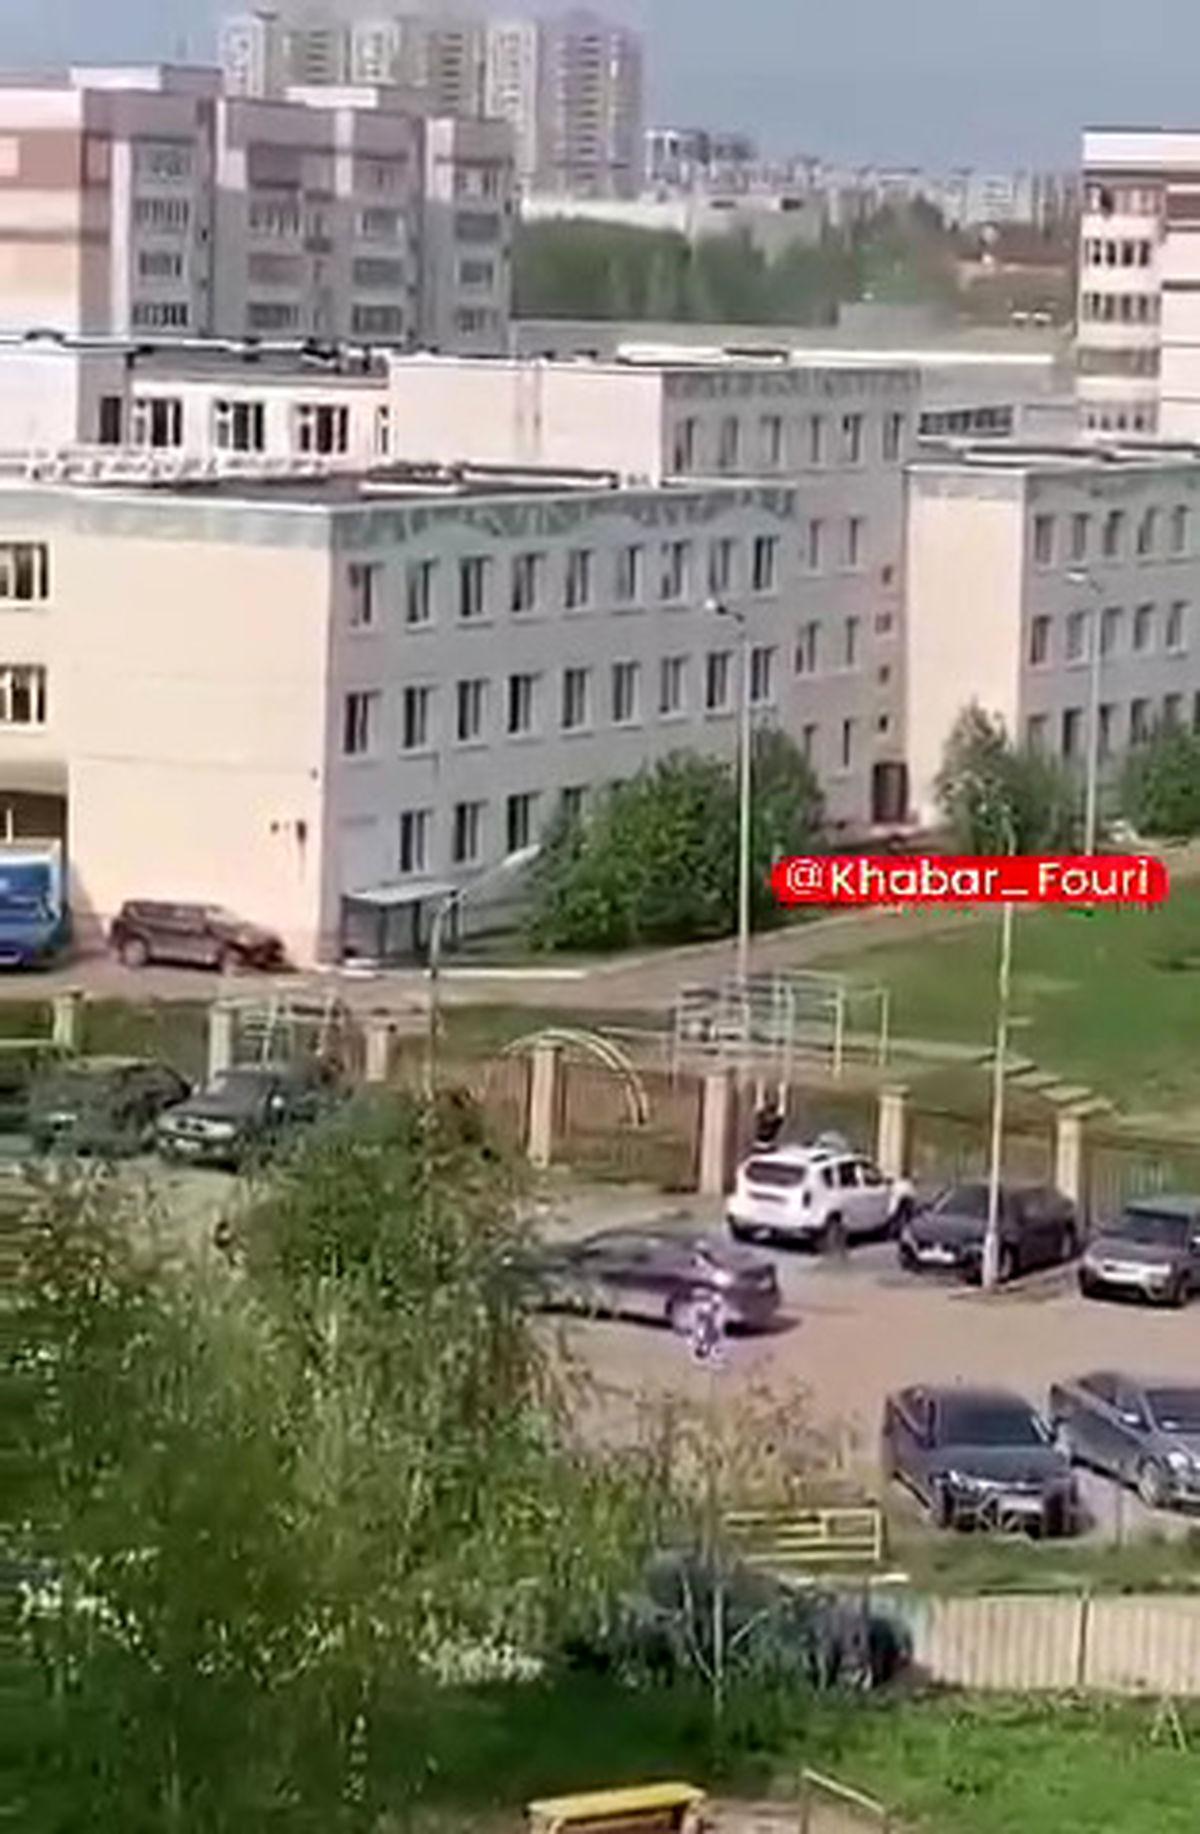 گروگانگیری مرگبار در مدرسه ای در روسیه با 9 کشته +فیلم